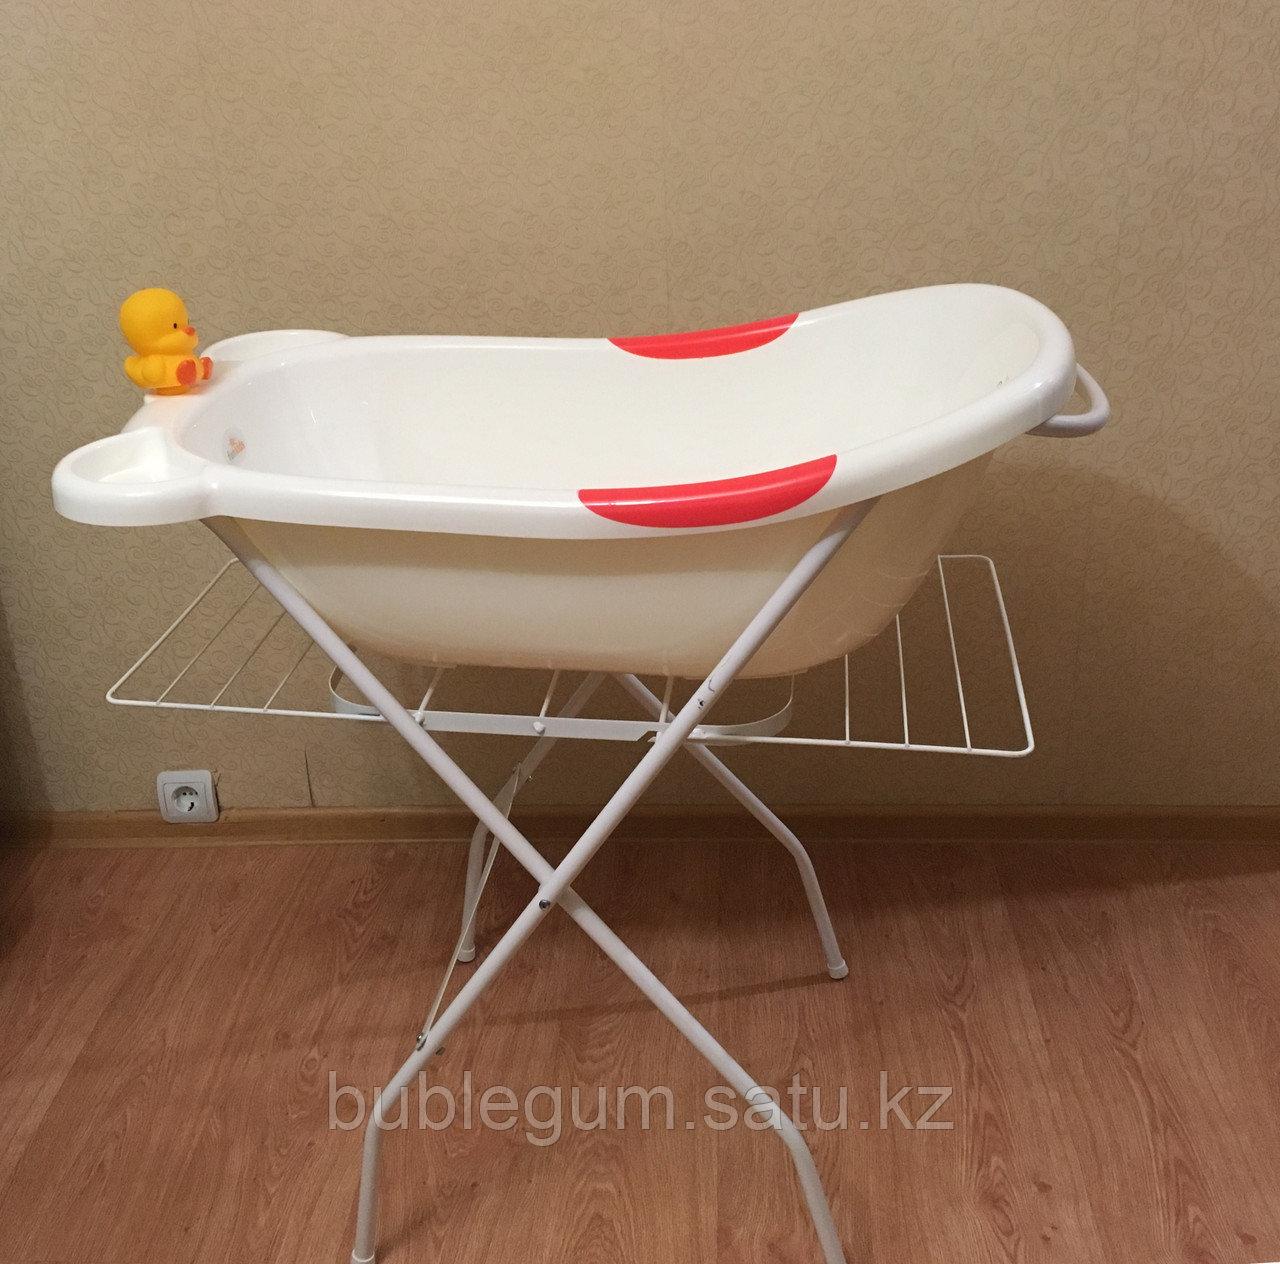 КАРАПУЗ Подставка под ванночку универсальная с сушилкой